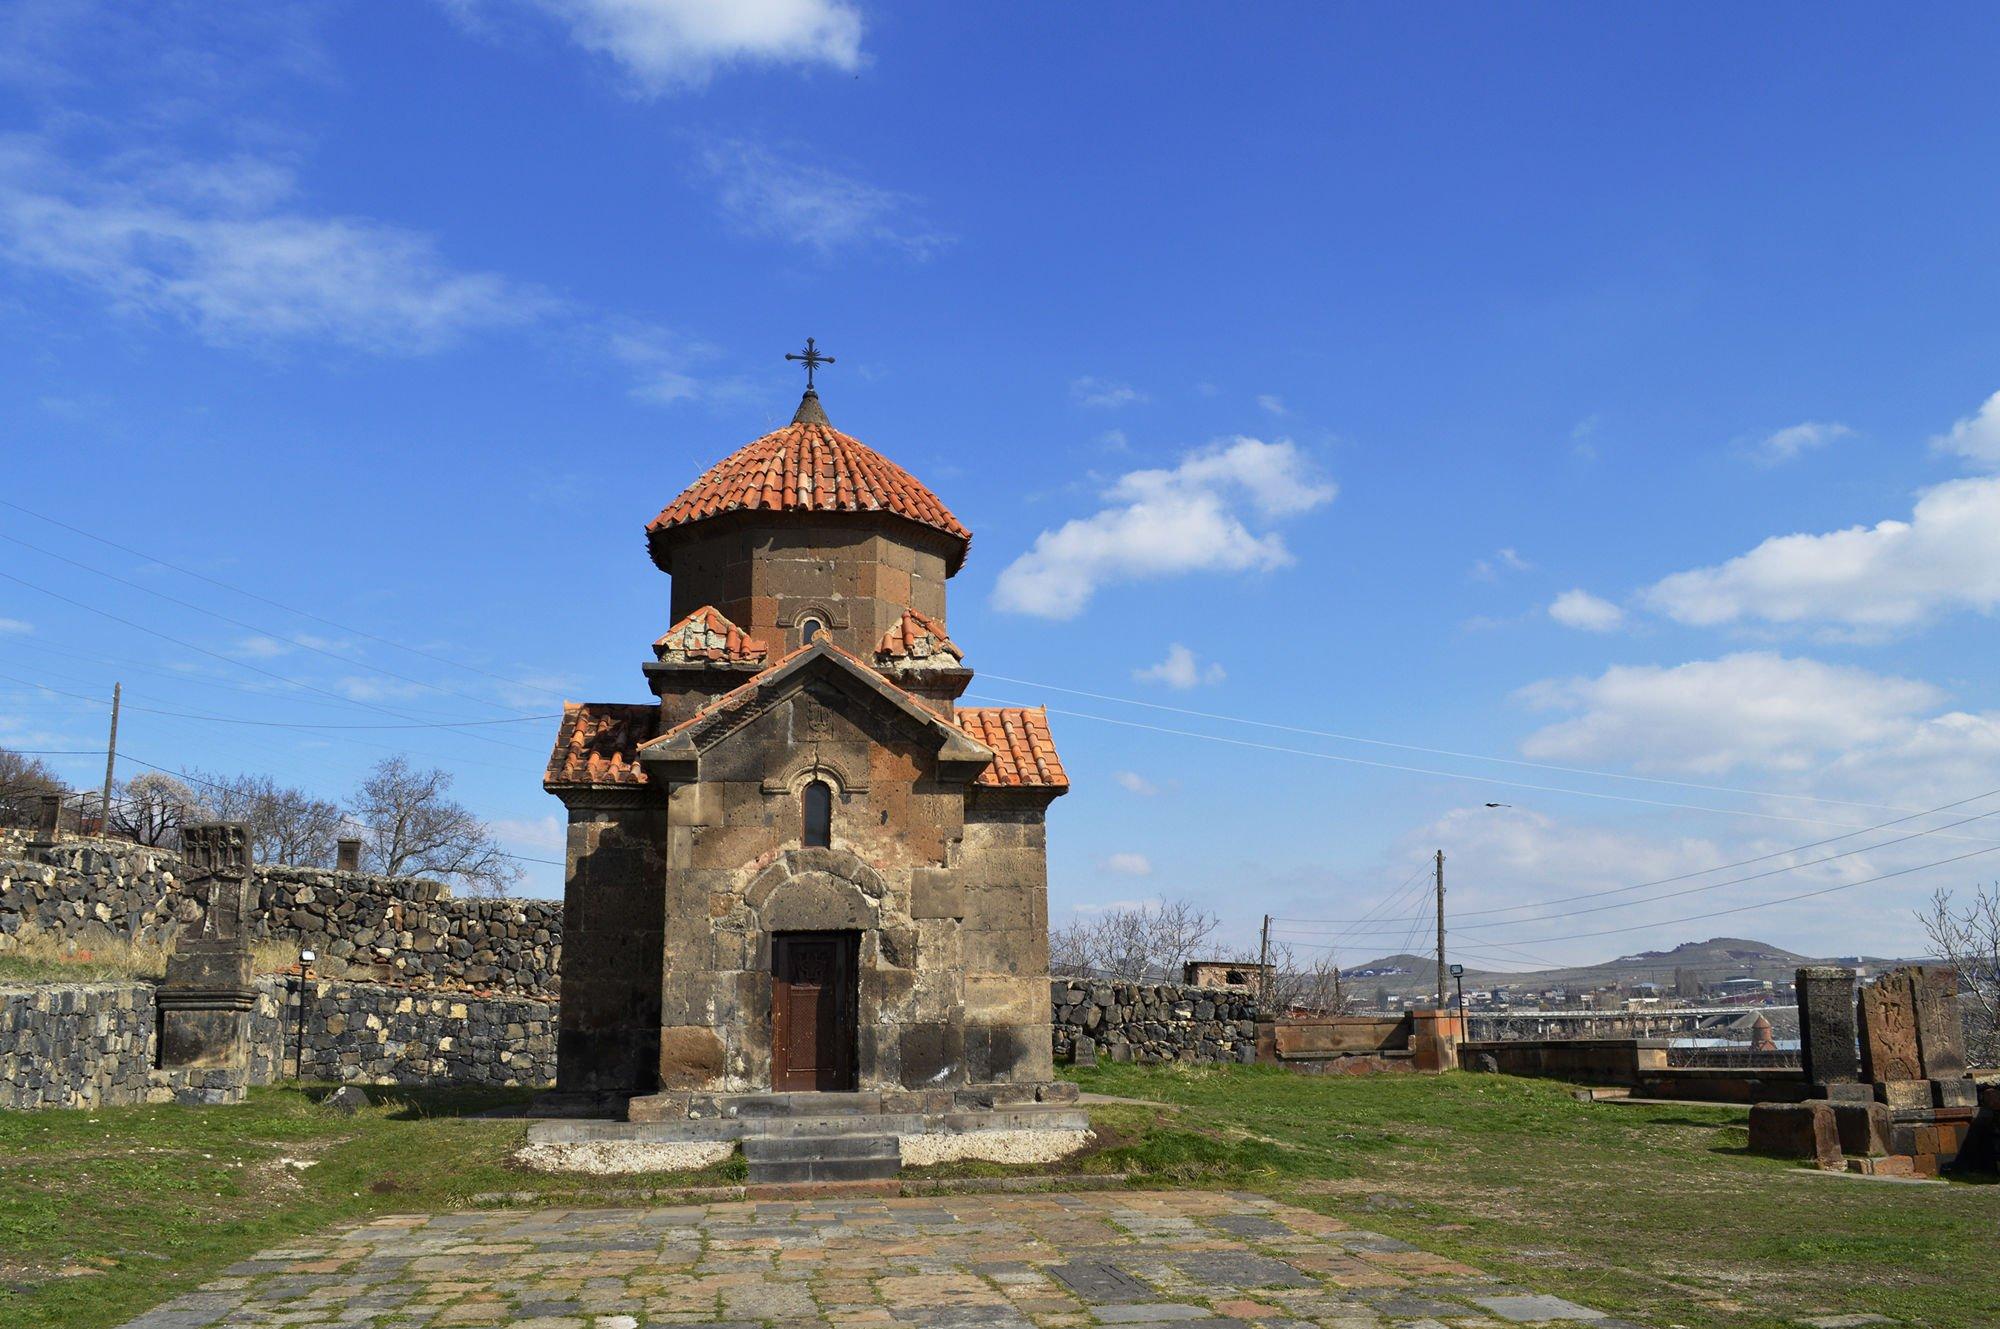 город аштарак армения фото дар дунё ачаб